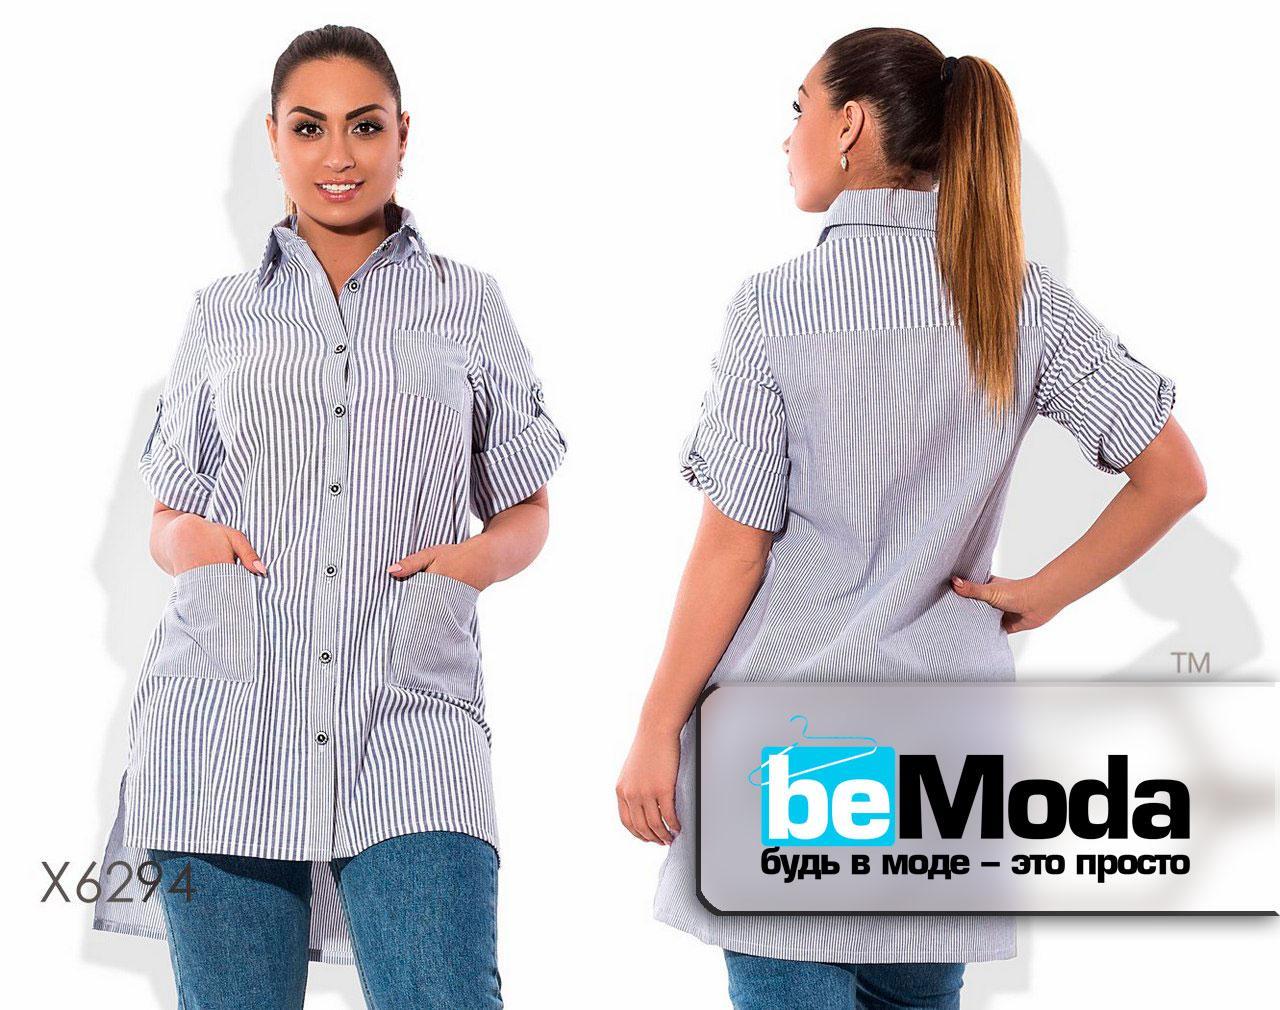 Длинная коттоновая рубашка в полоску серая - Модная одежда, обувь и аксессуары интернет-магазин BeModa.com.ua в Белой Церкви